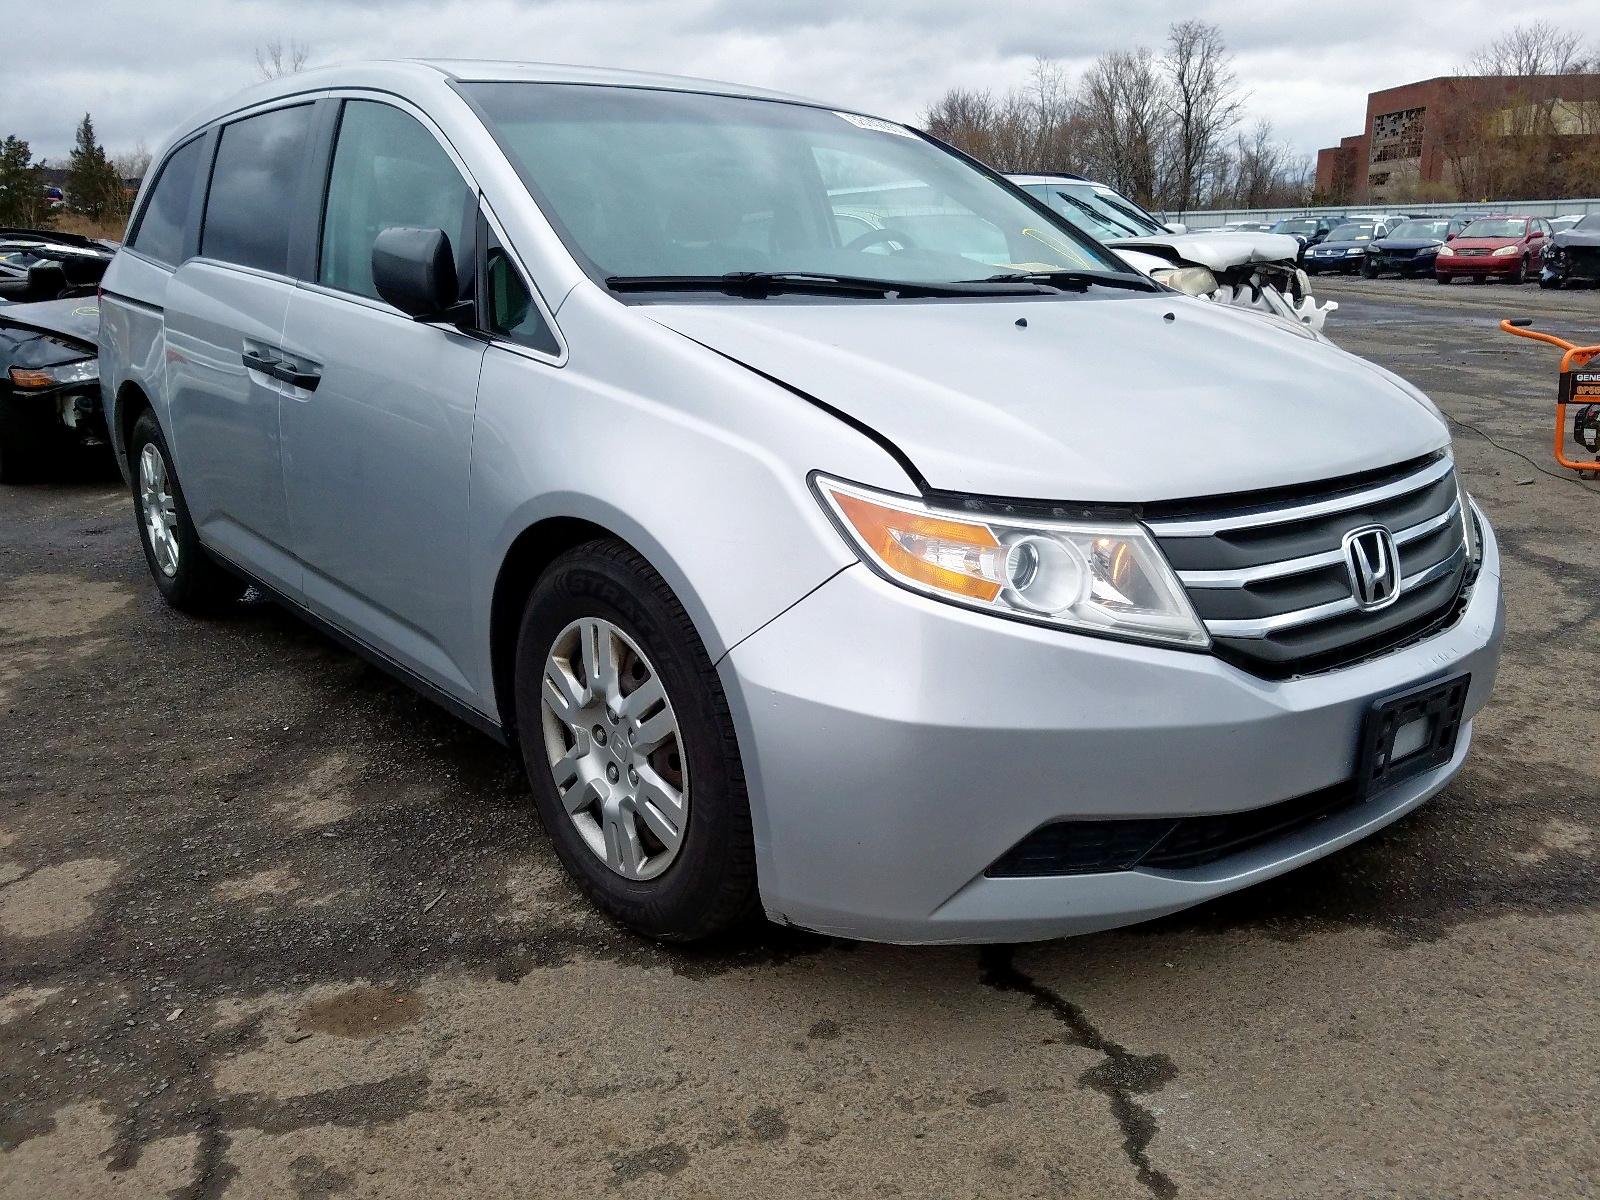 Kelebihan Kekurangan Honda Odyssey 2012 Harga